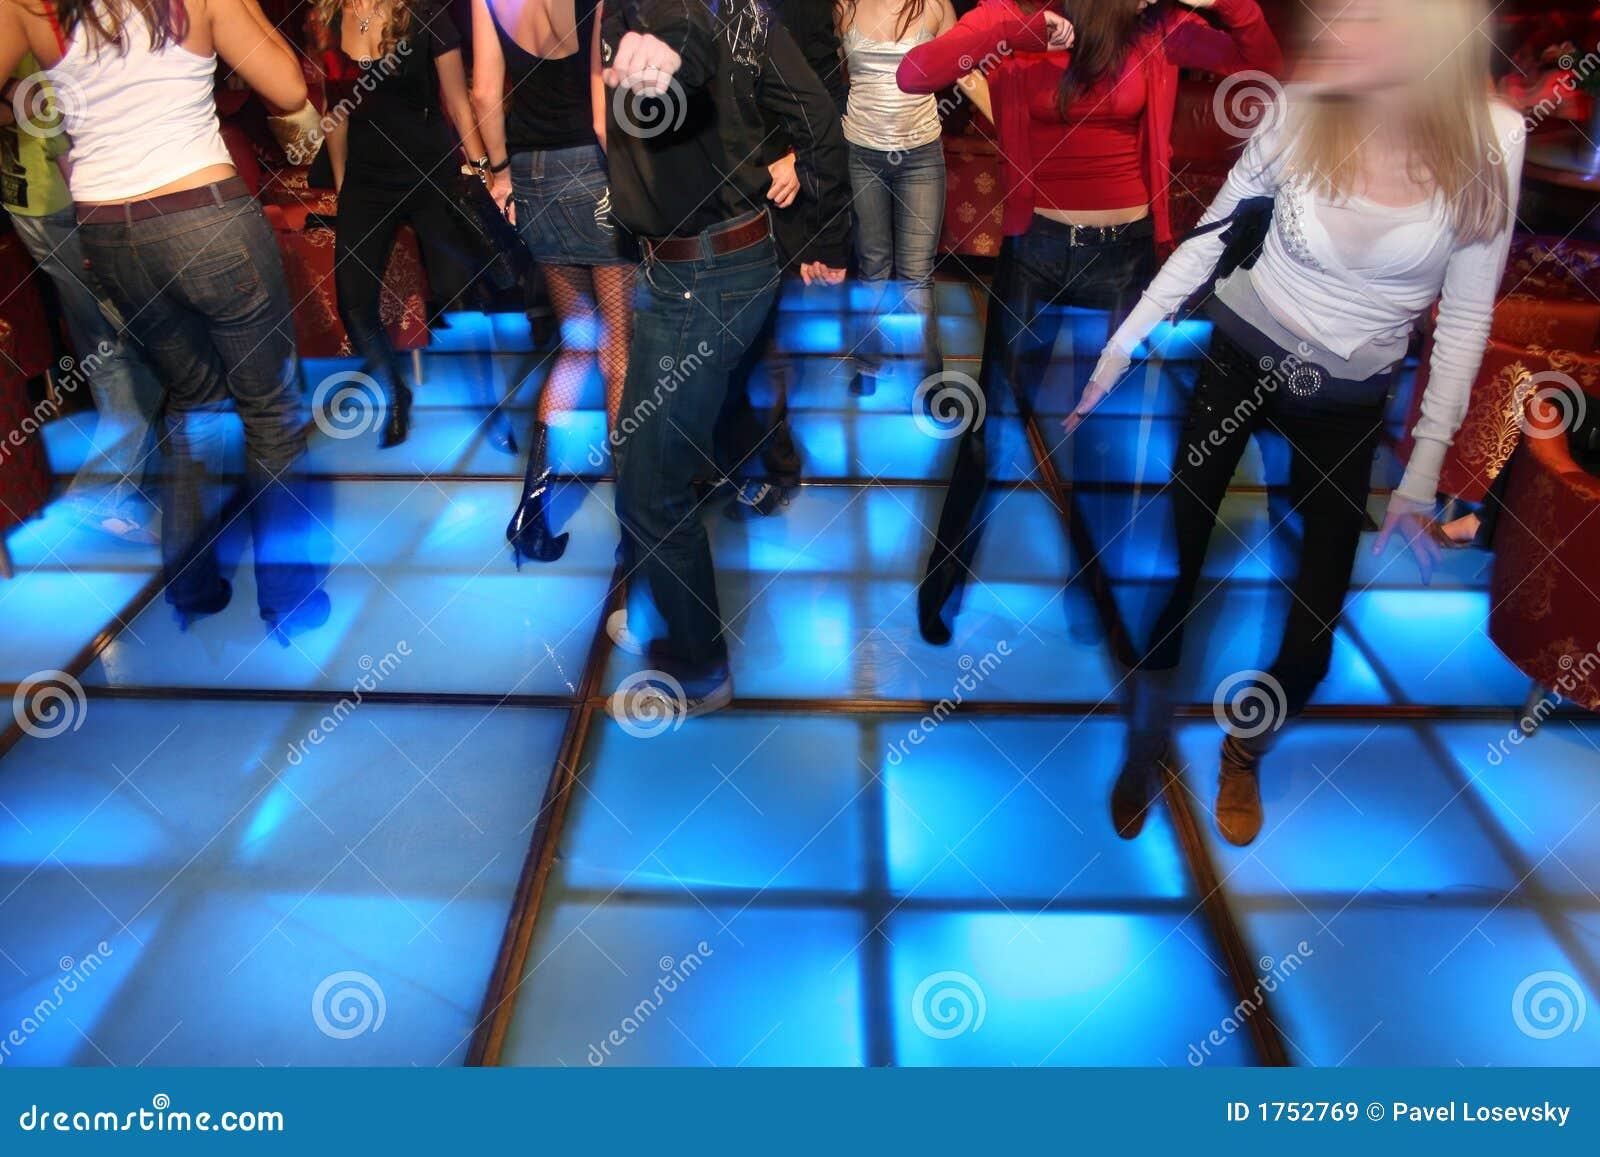 Фото конкурсов в ночных клубах 8 фотография